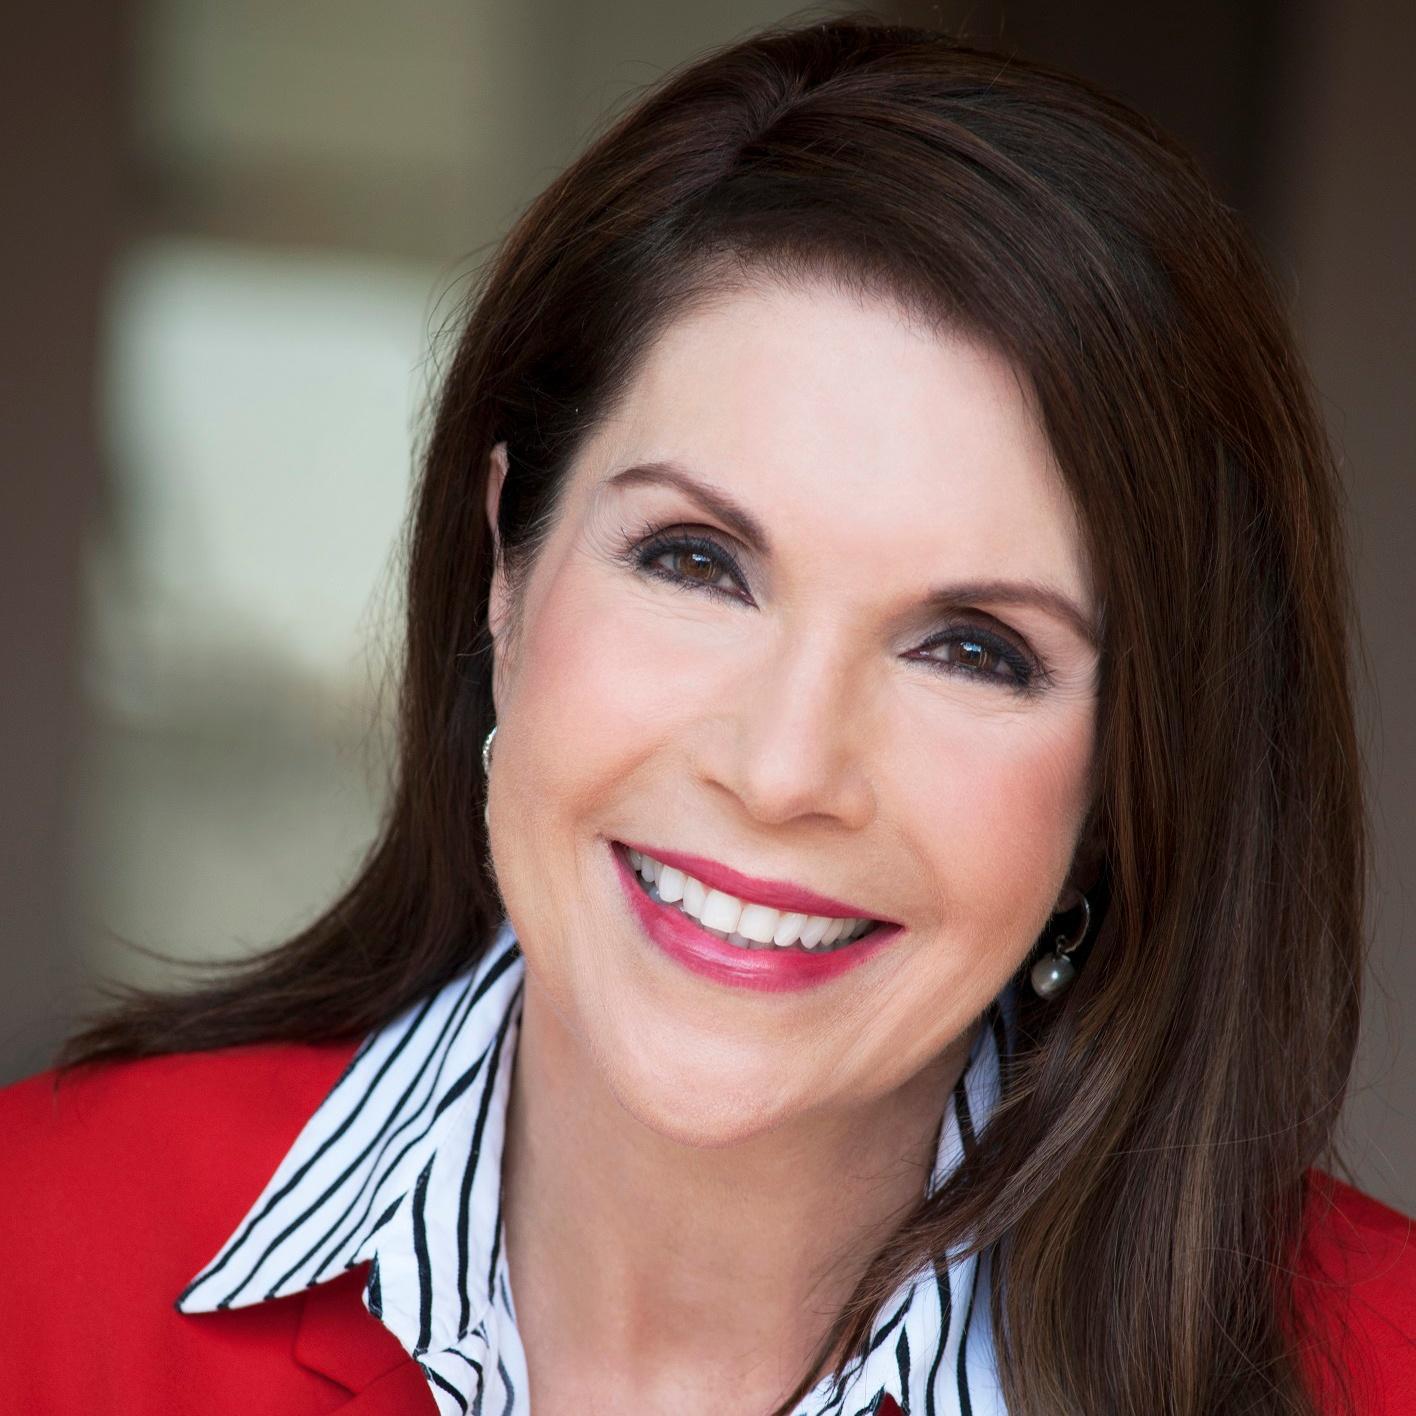 Lisa Trapani Shumate